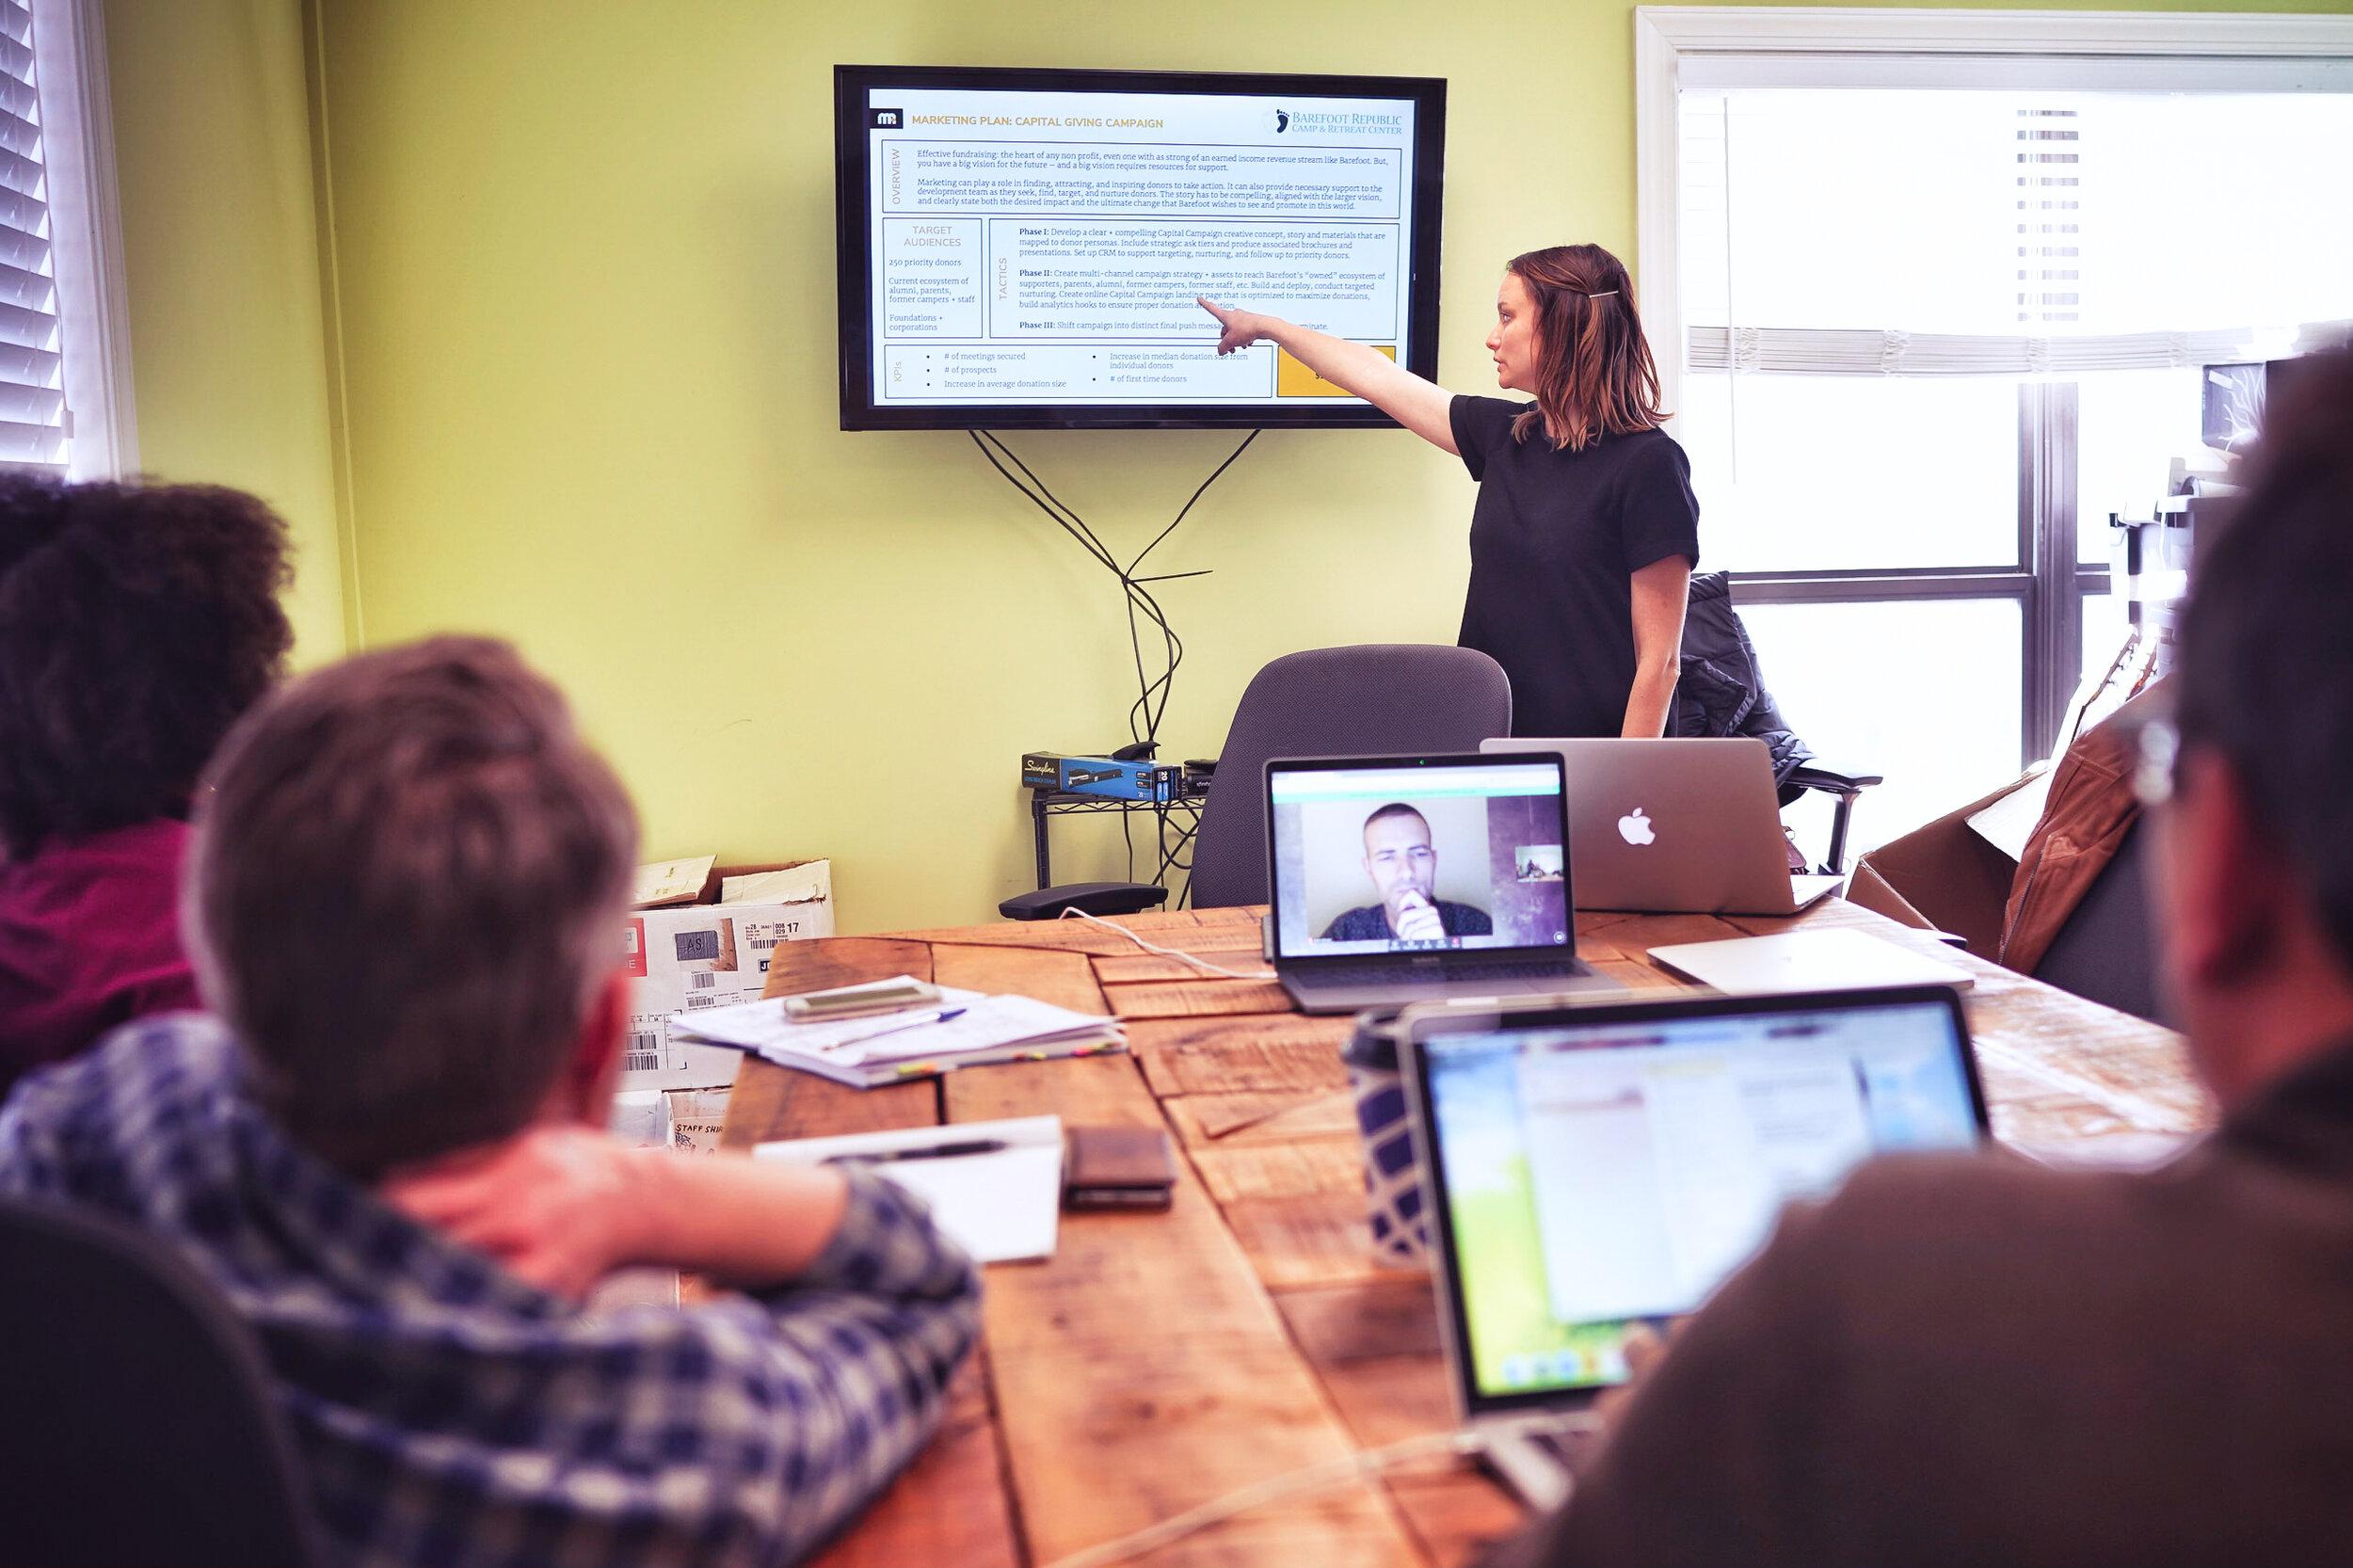 战略规划促进-还需要帮助吗?战略规划包括在我们12个月的咨询业务中。但我们也可以作为促进者和合作伙伴加入你们,在一次性的基础上制定战略计划。可交付成果包括:-现有战略计划的审核-个人参与者的准备-促进小组工作坊(虚拟)战略计划文件的制作-领导力执行指导根据你的年营业额,按比例收费。联系→